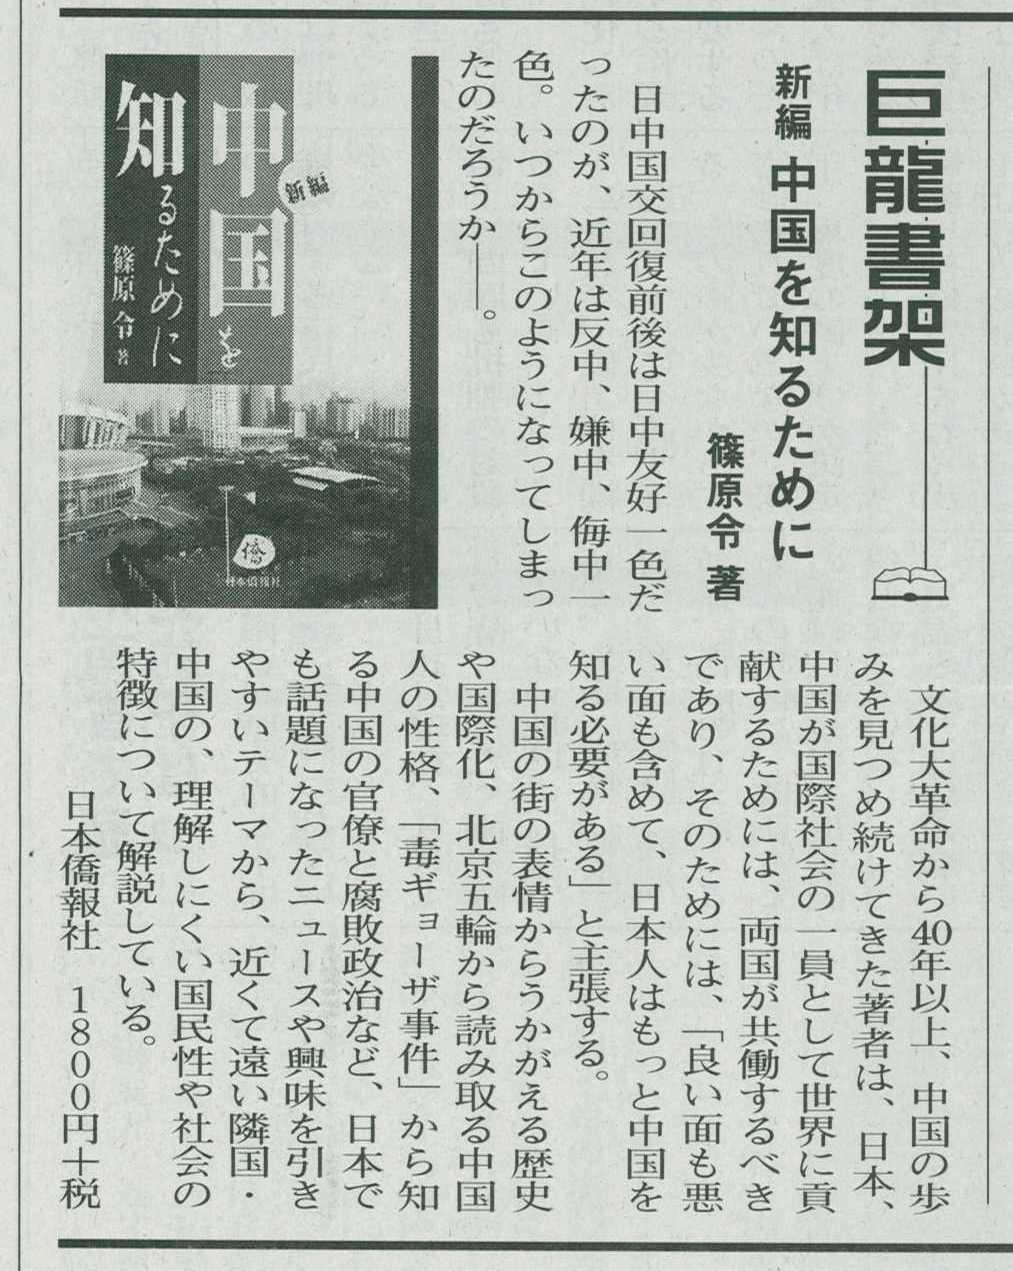 『新編・中国を知るために』 チャイニーズドラゴン紙に登場_d0027795_124645.jpg